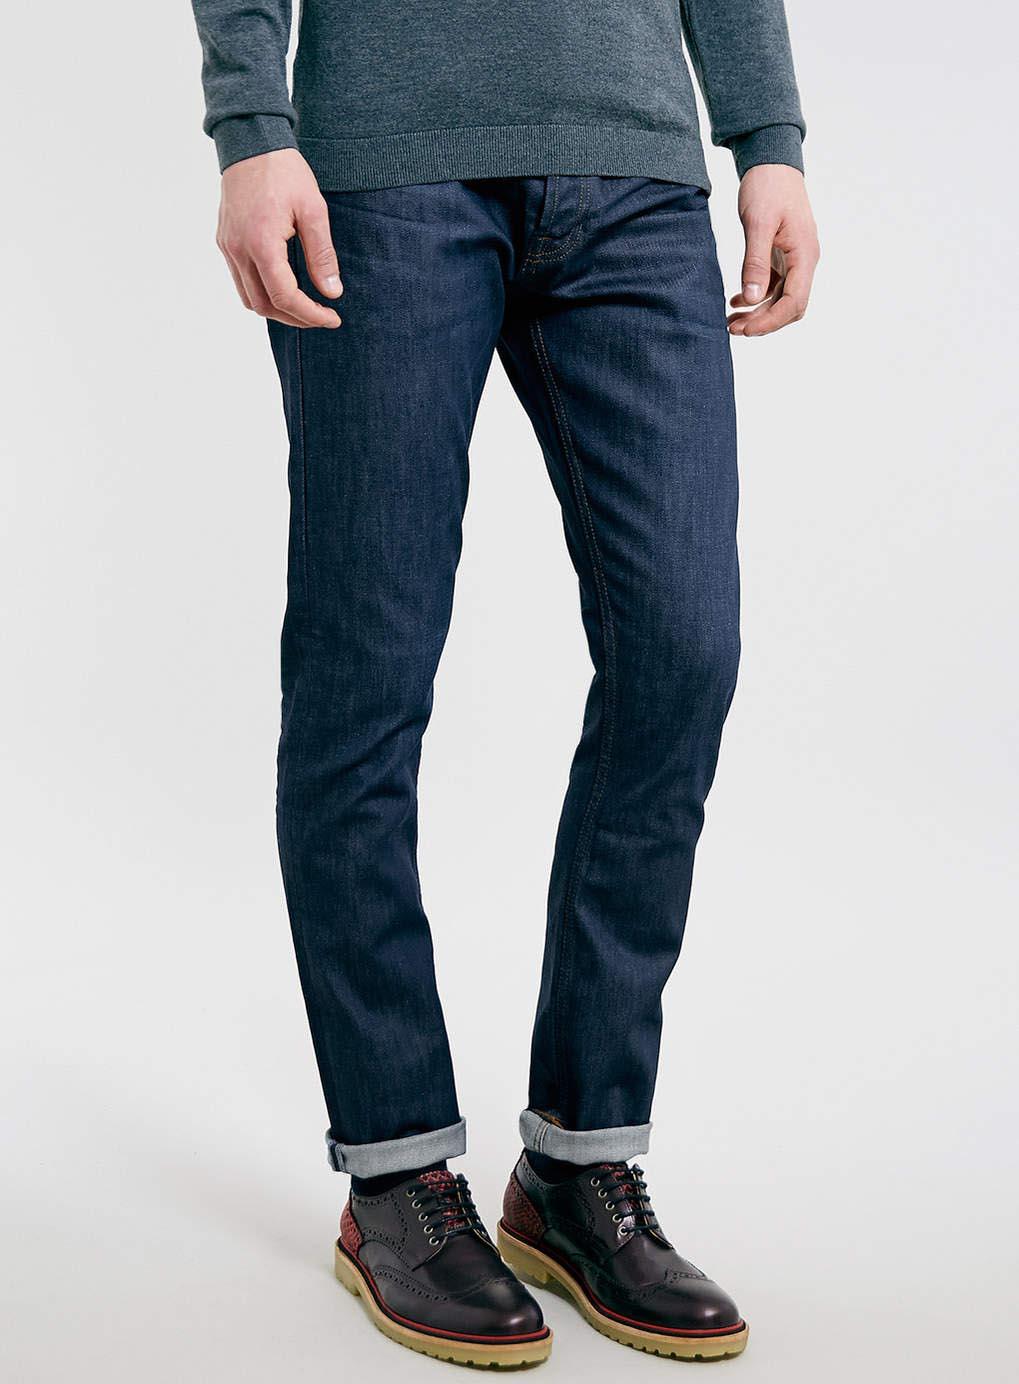 Giầy Derbie kết hợp với quần jeans tạo nên phong cách lịch lãm của người đàn ông